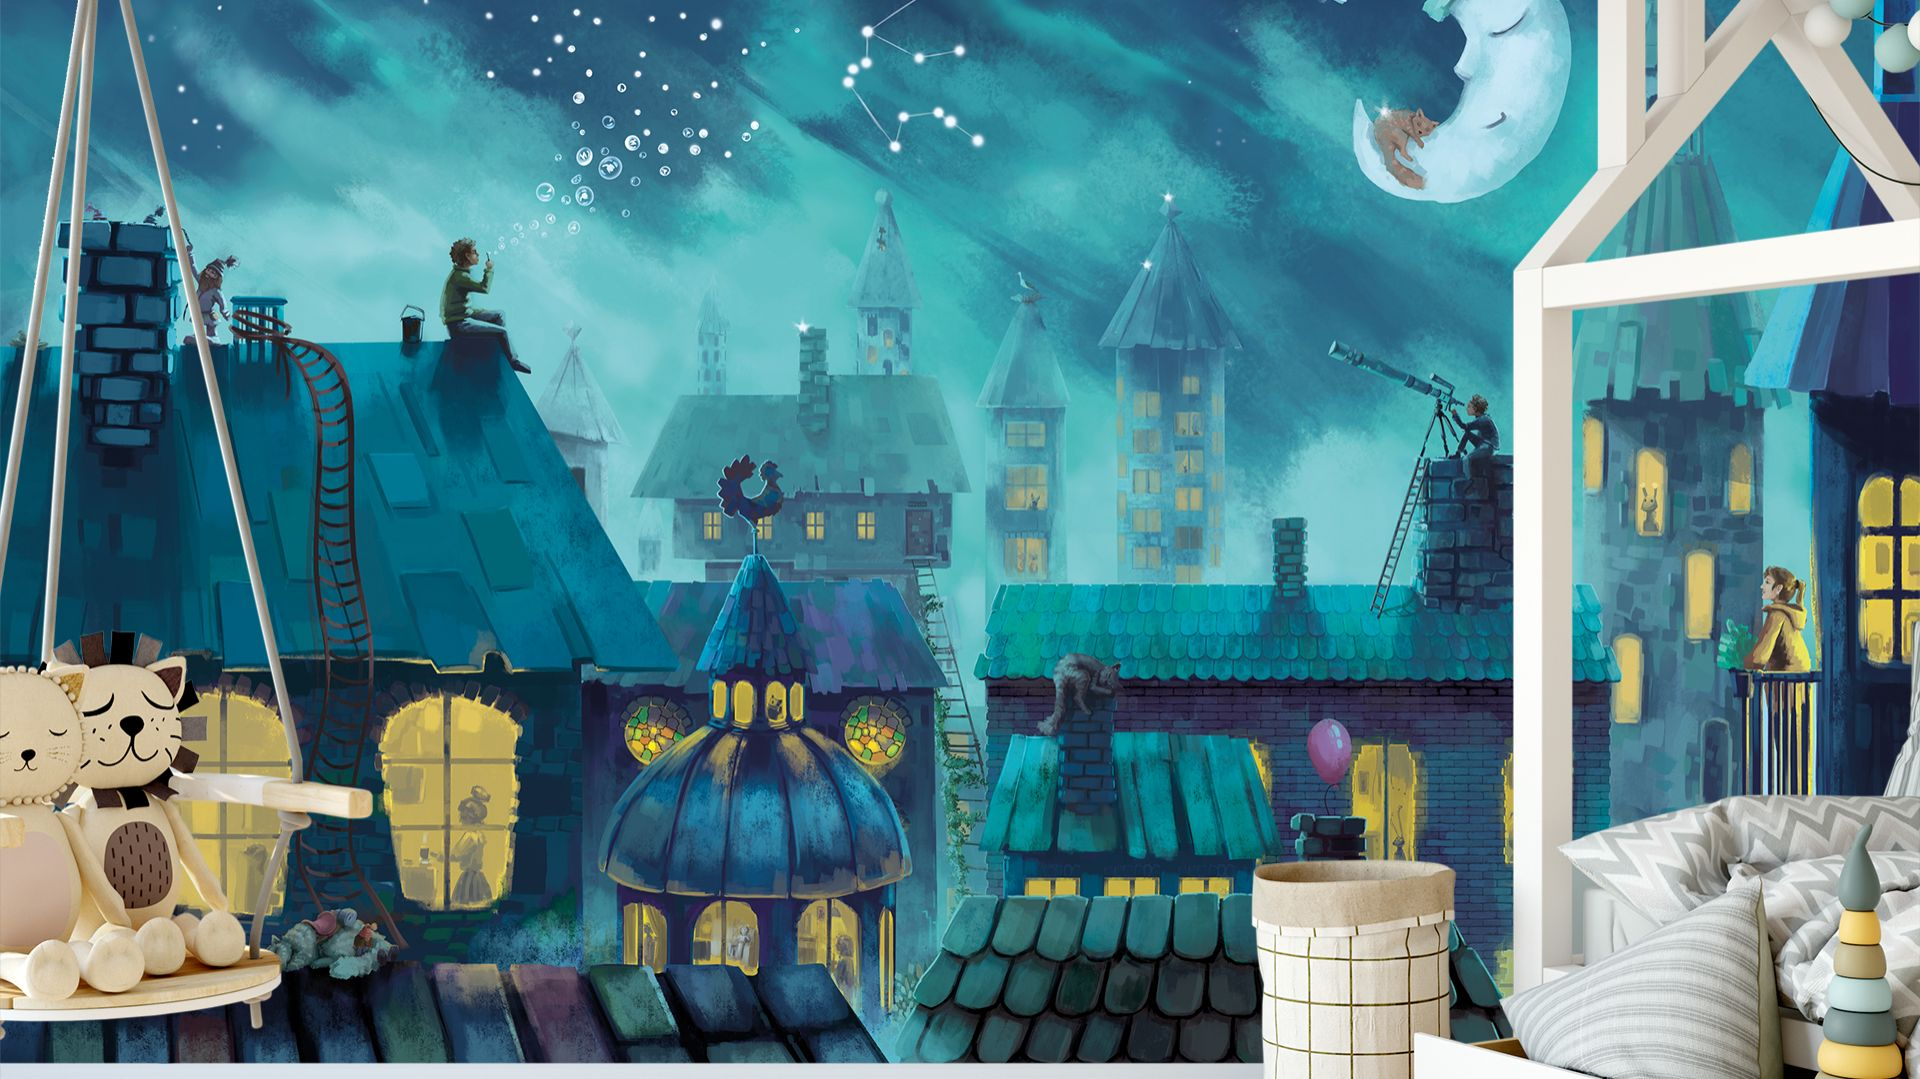 Tapeta Nocowanie dla nocnych marków i sennych marzycieli. Granatowy kolor stworzy atmosferę odpoczynku w sypialni dziecka. Fot. Lajka Studio